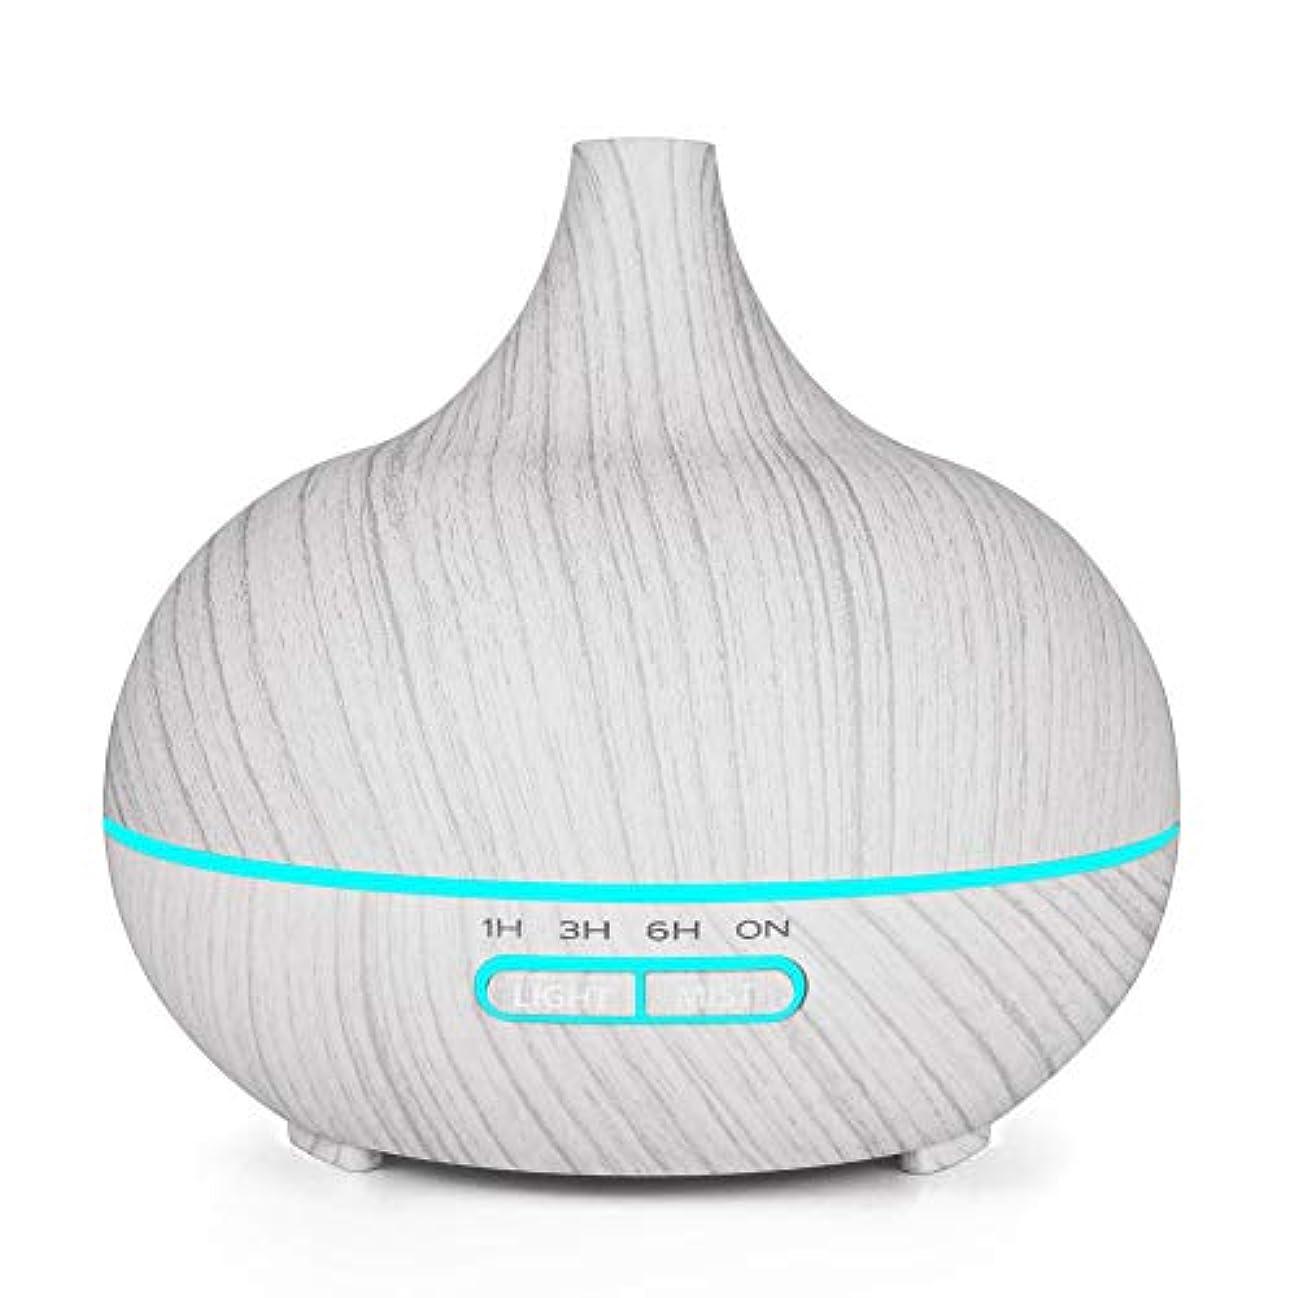 ミュート柔らかさほぼ木目 涼しい霧 加湿器,7 色 空気を浄化 加湿機 時間 手動 香り 精油 ディフューザー アロマネブライザー Yoga ベッド- 400ml